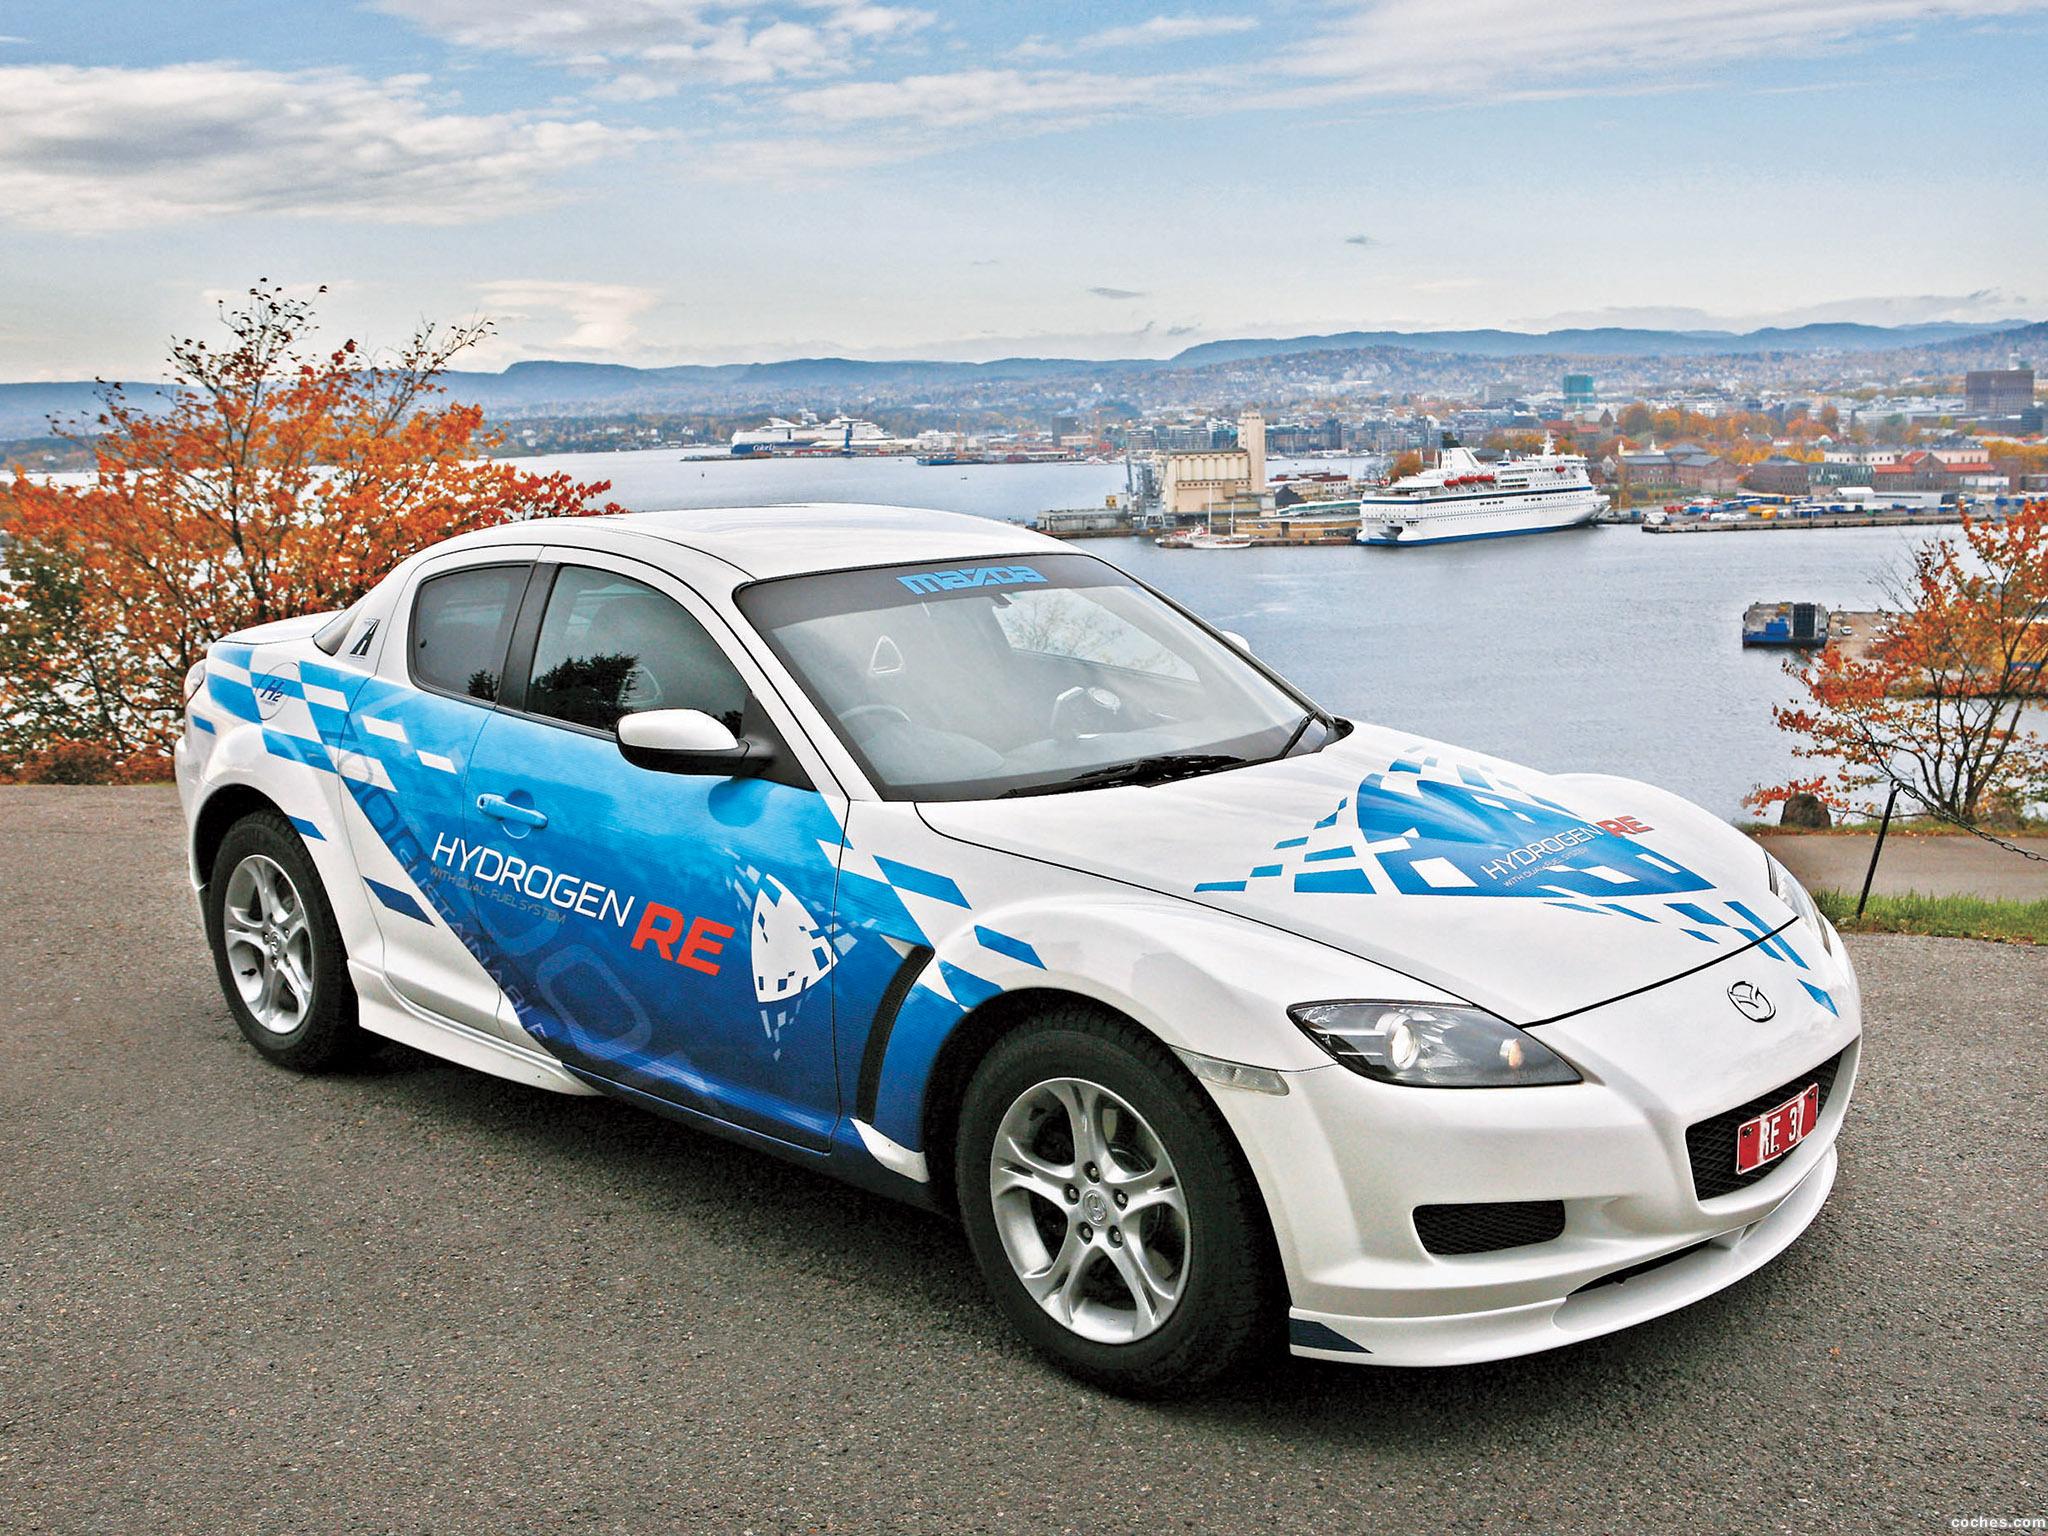 mazda_rx-8-hydrogen-re-dual-fuel-system-2009_r18